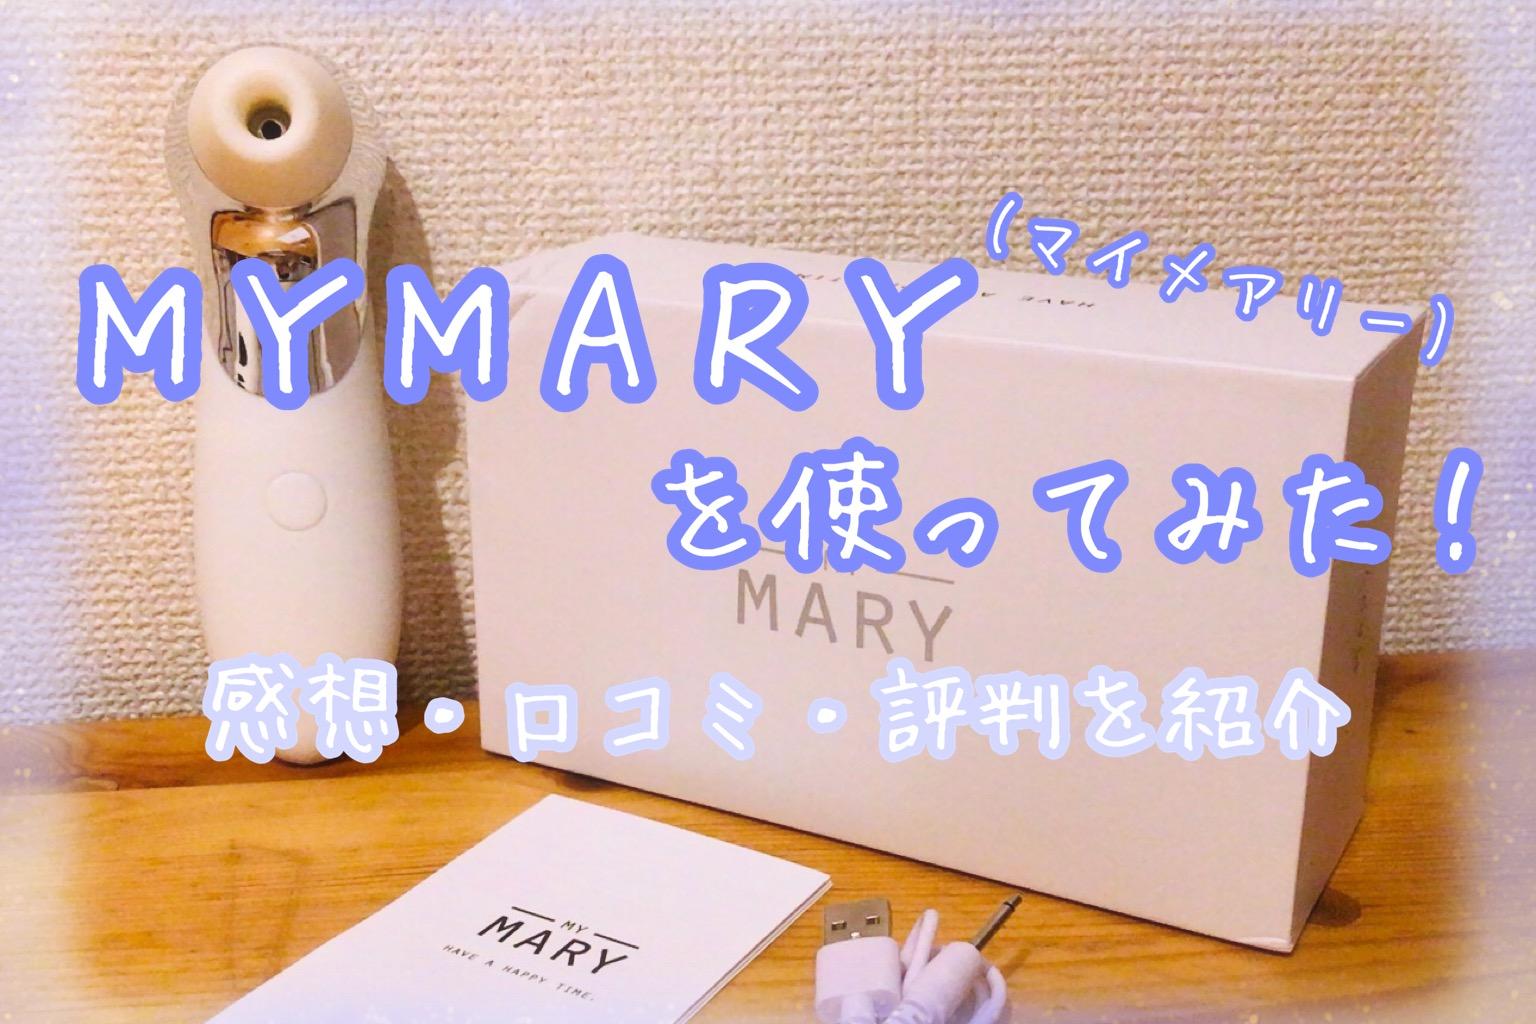 MYMARY(マイメアリー)を使ってみた!感想・口コミ・評判を紹介